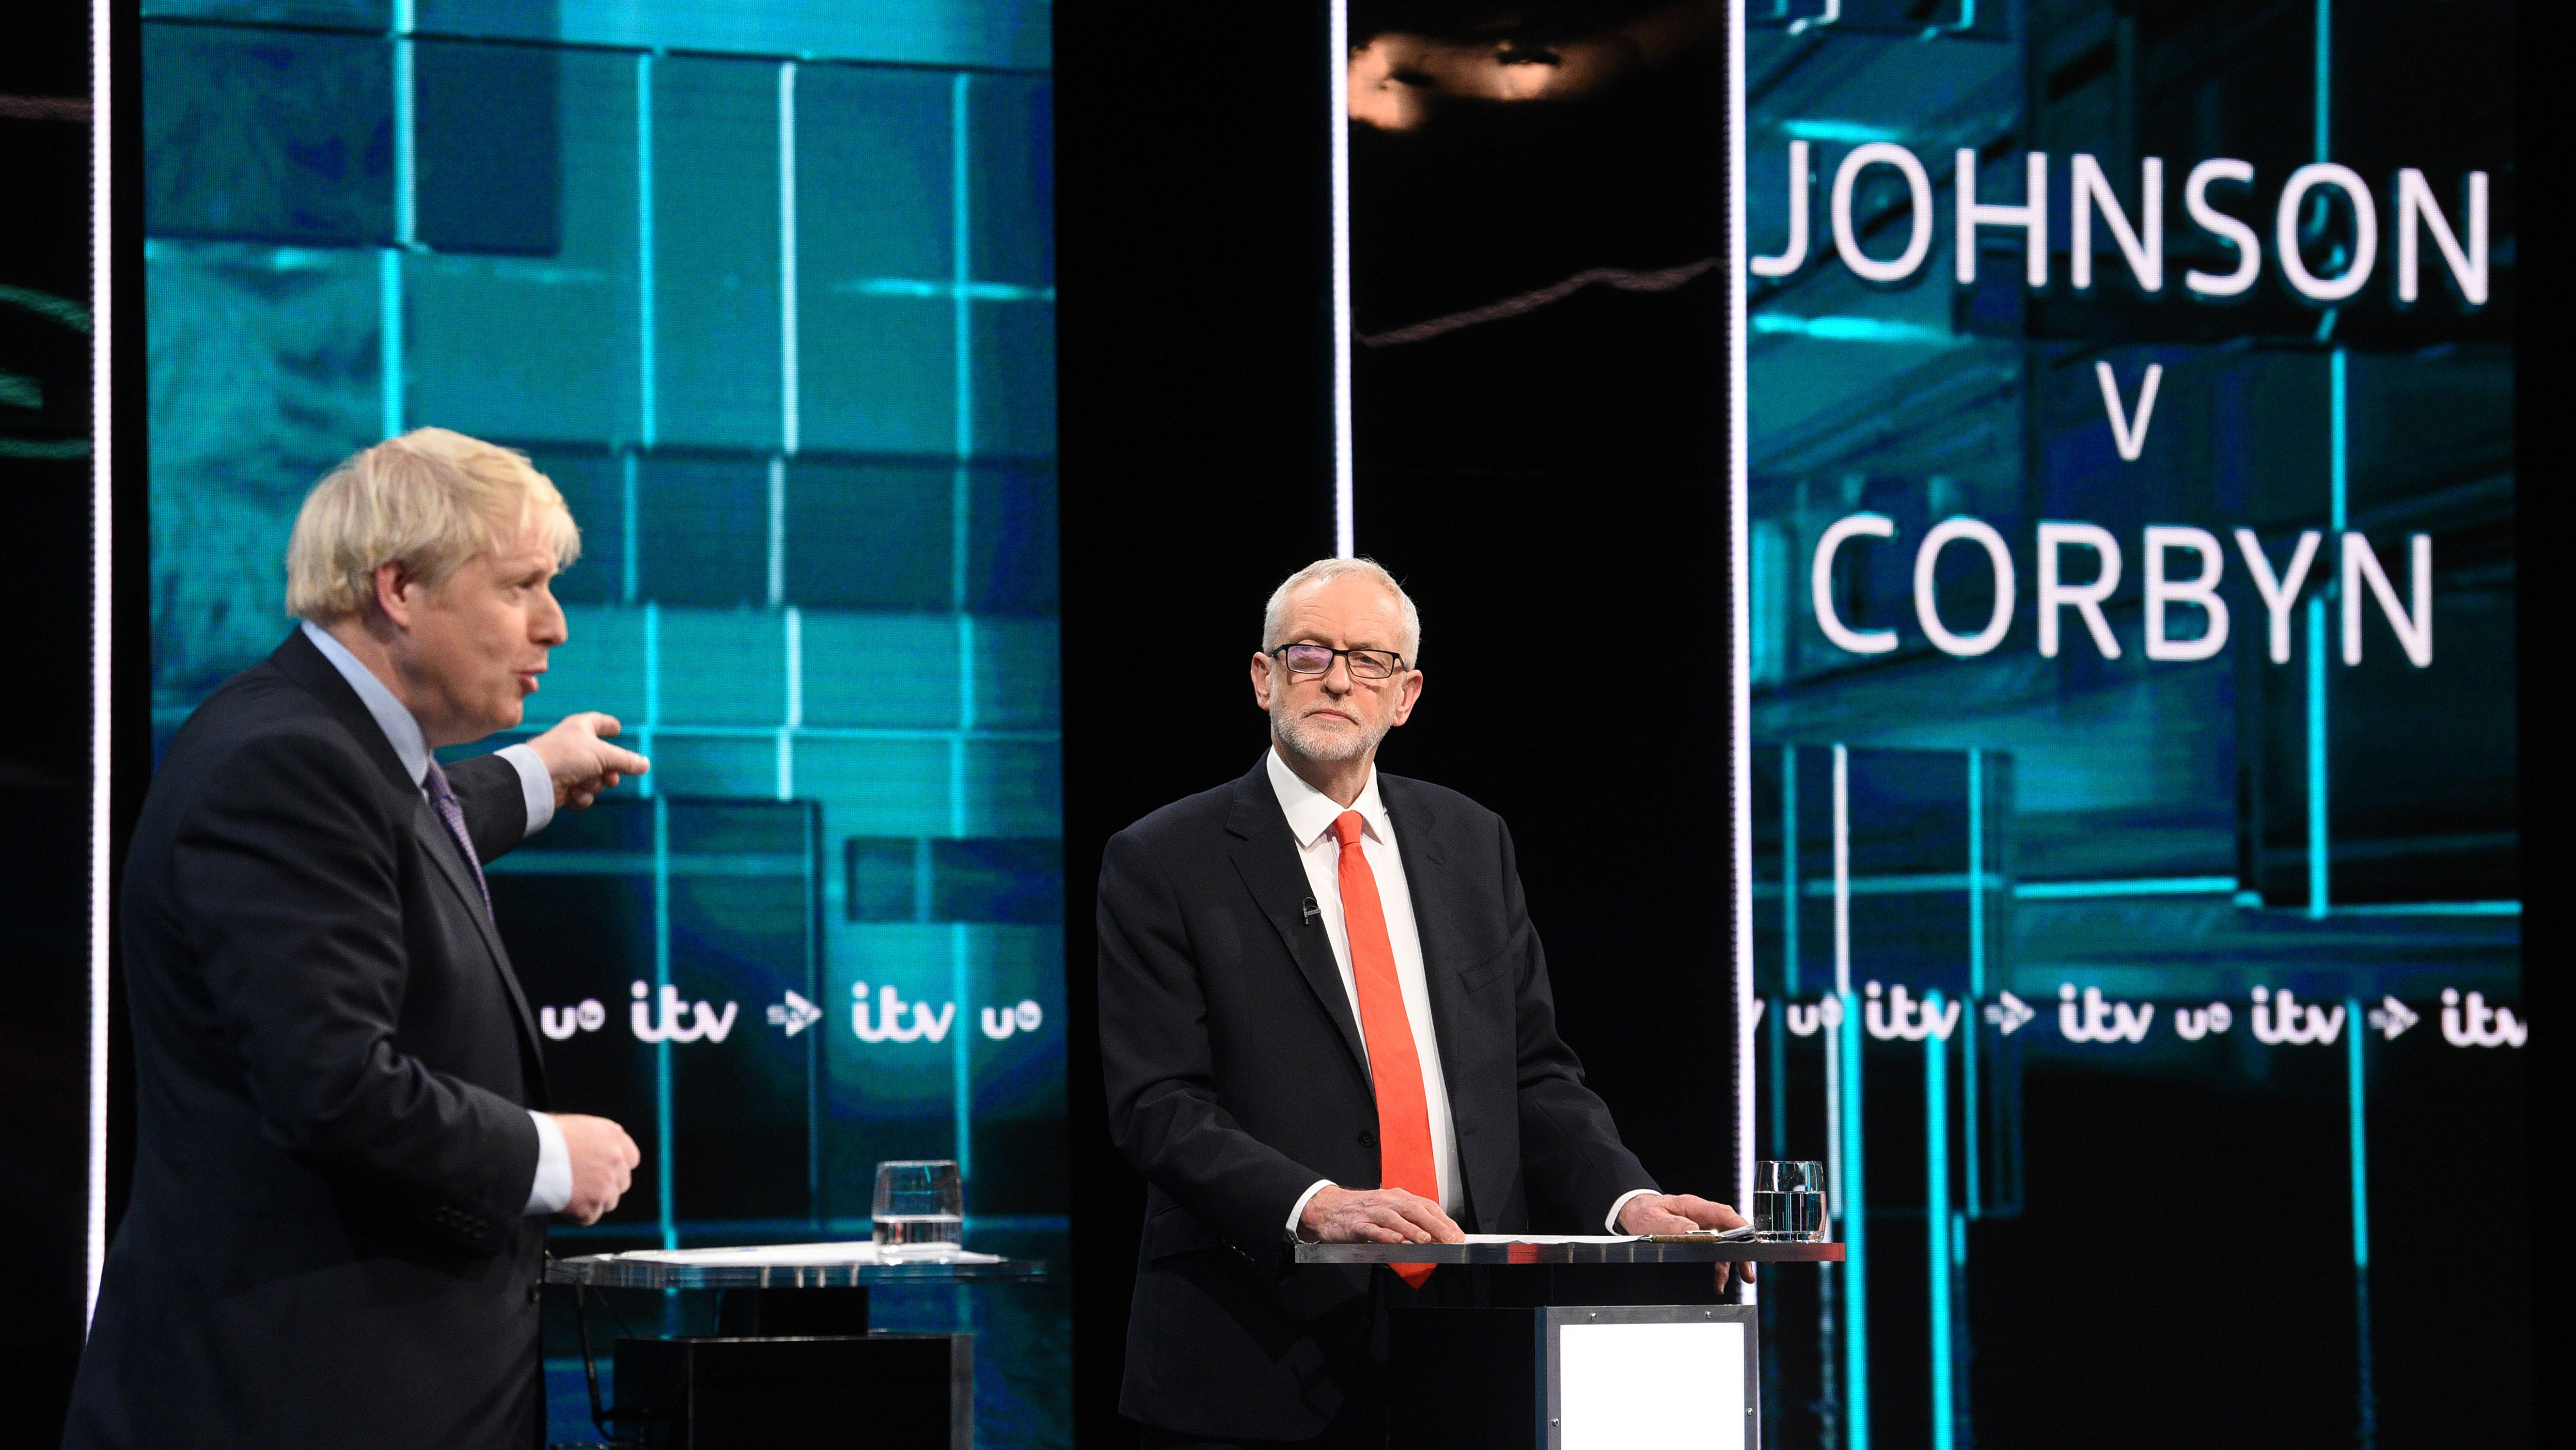 Premierminister Johnson und Oppositionsführer Corbyn haben sich rund vier Wochen vor der Parlamentswahl in Großbritannien einen ersten Schlagabtausch geliefert.